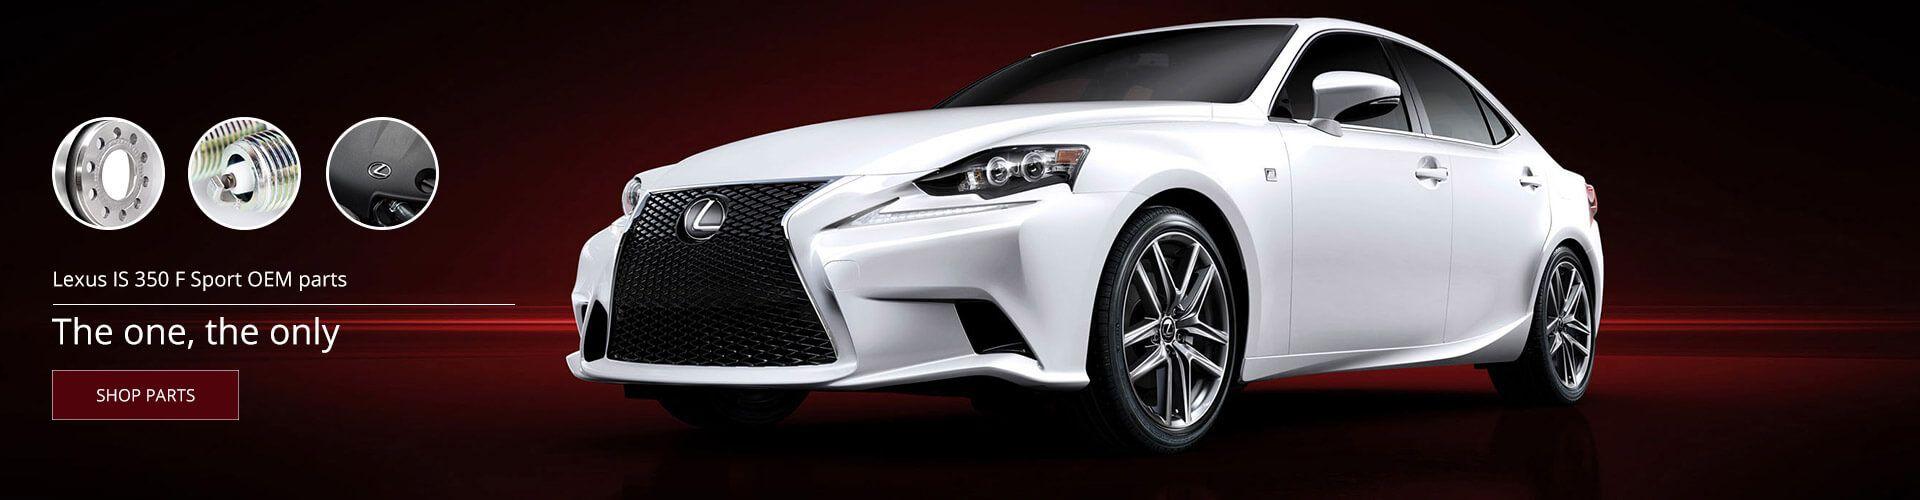 Lexus Genuine Parts